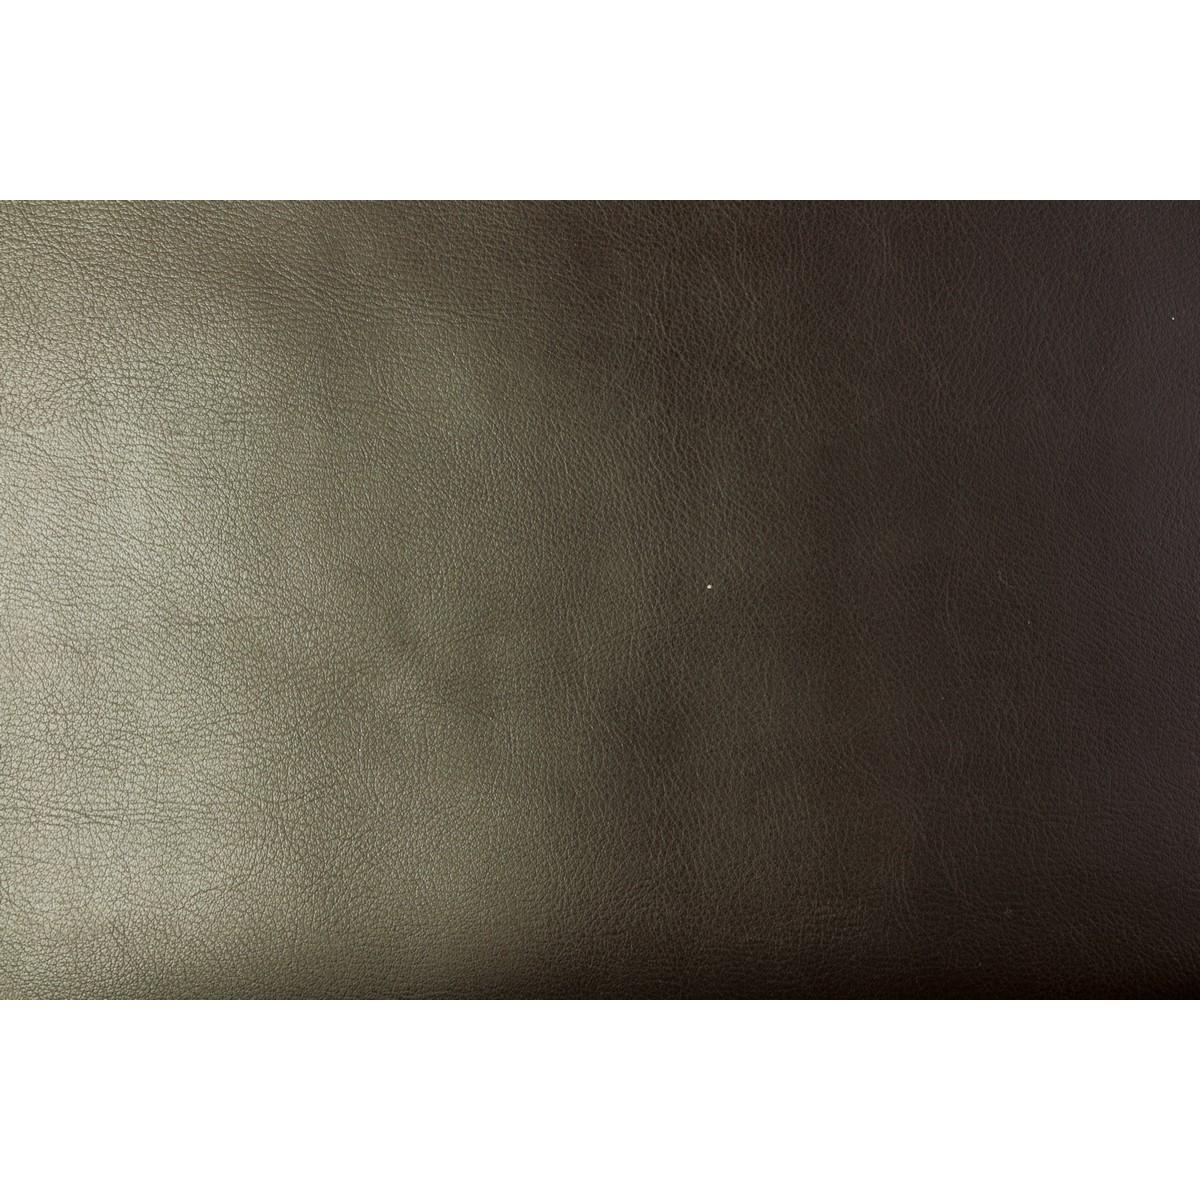 バッグ用レザーsolid 原反 巾100cm ダークブラウン/NBL2350R-105【01】【取寄】[10m]